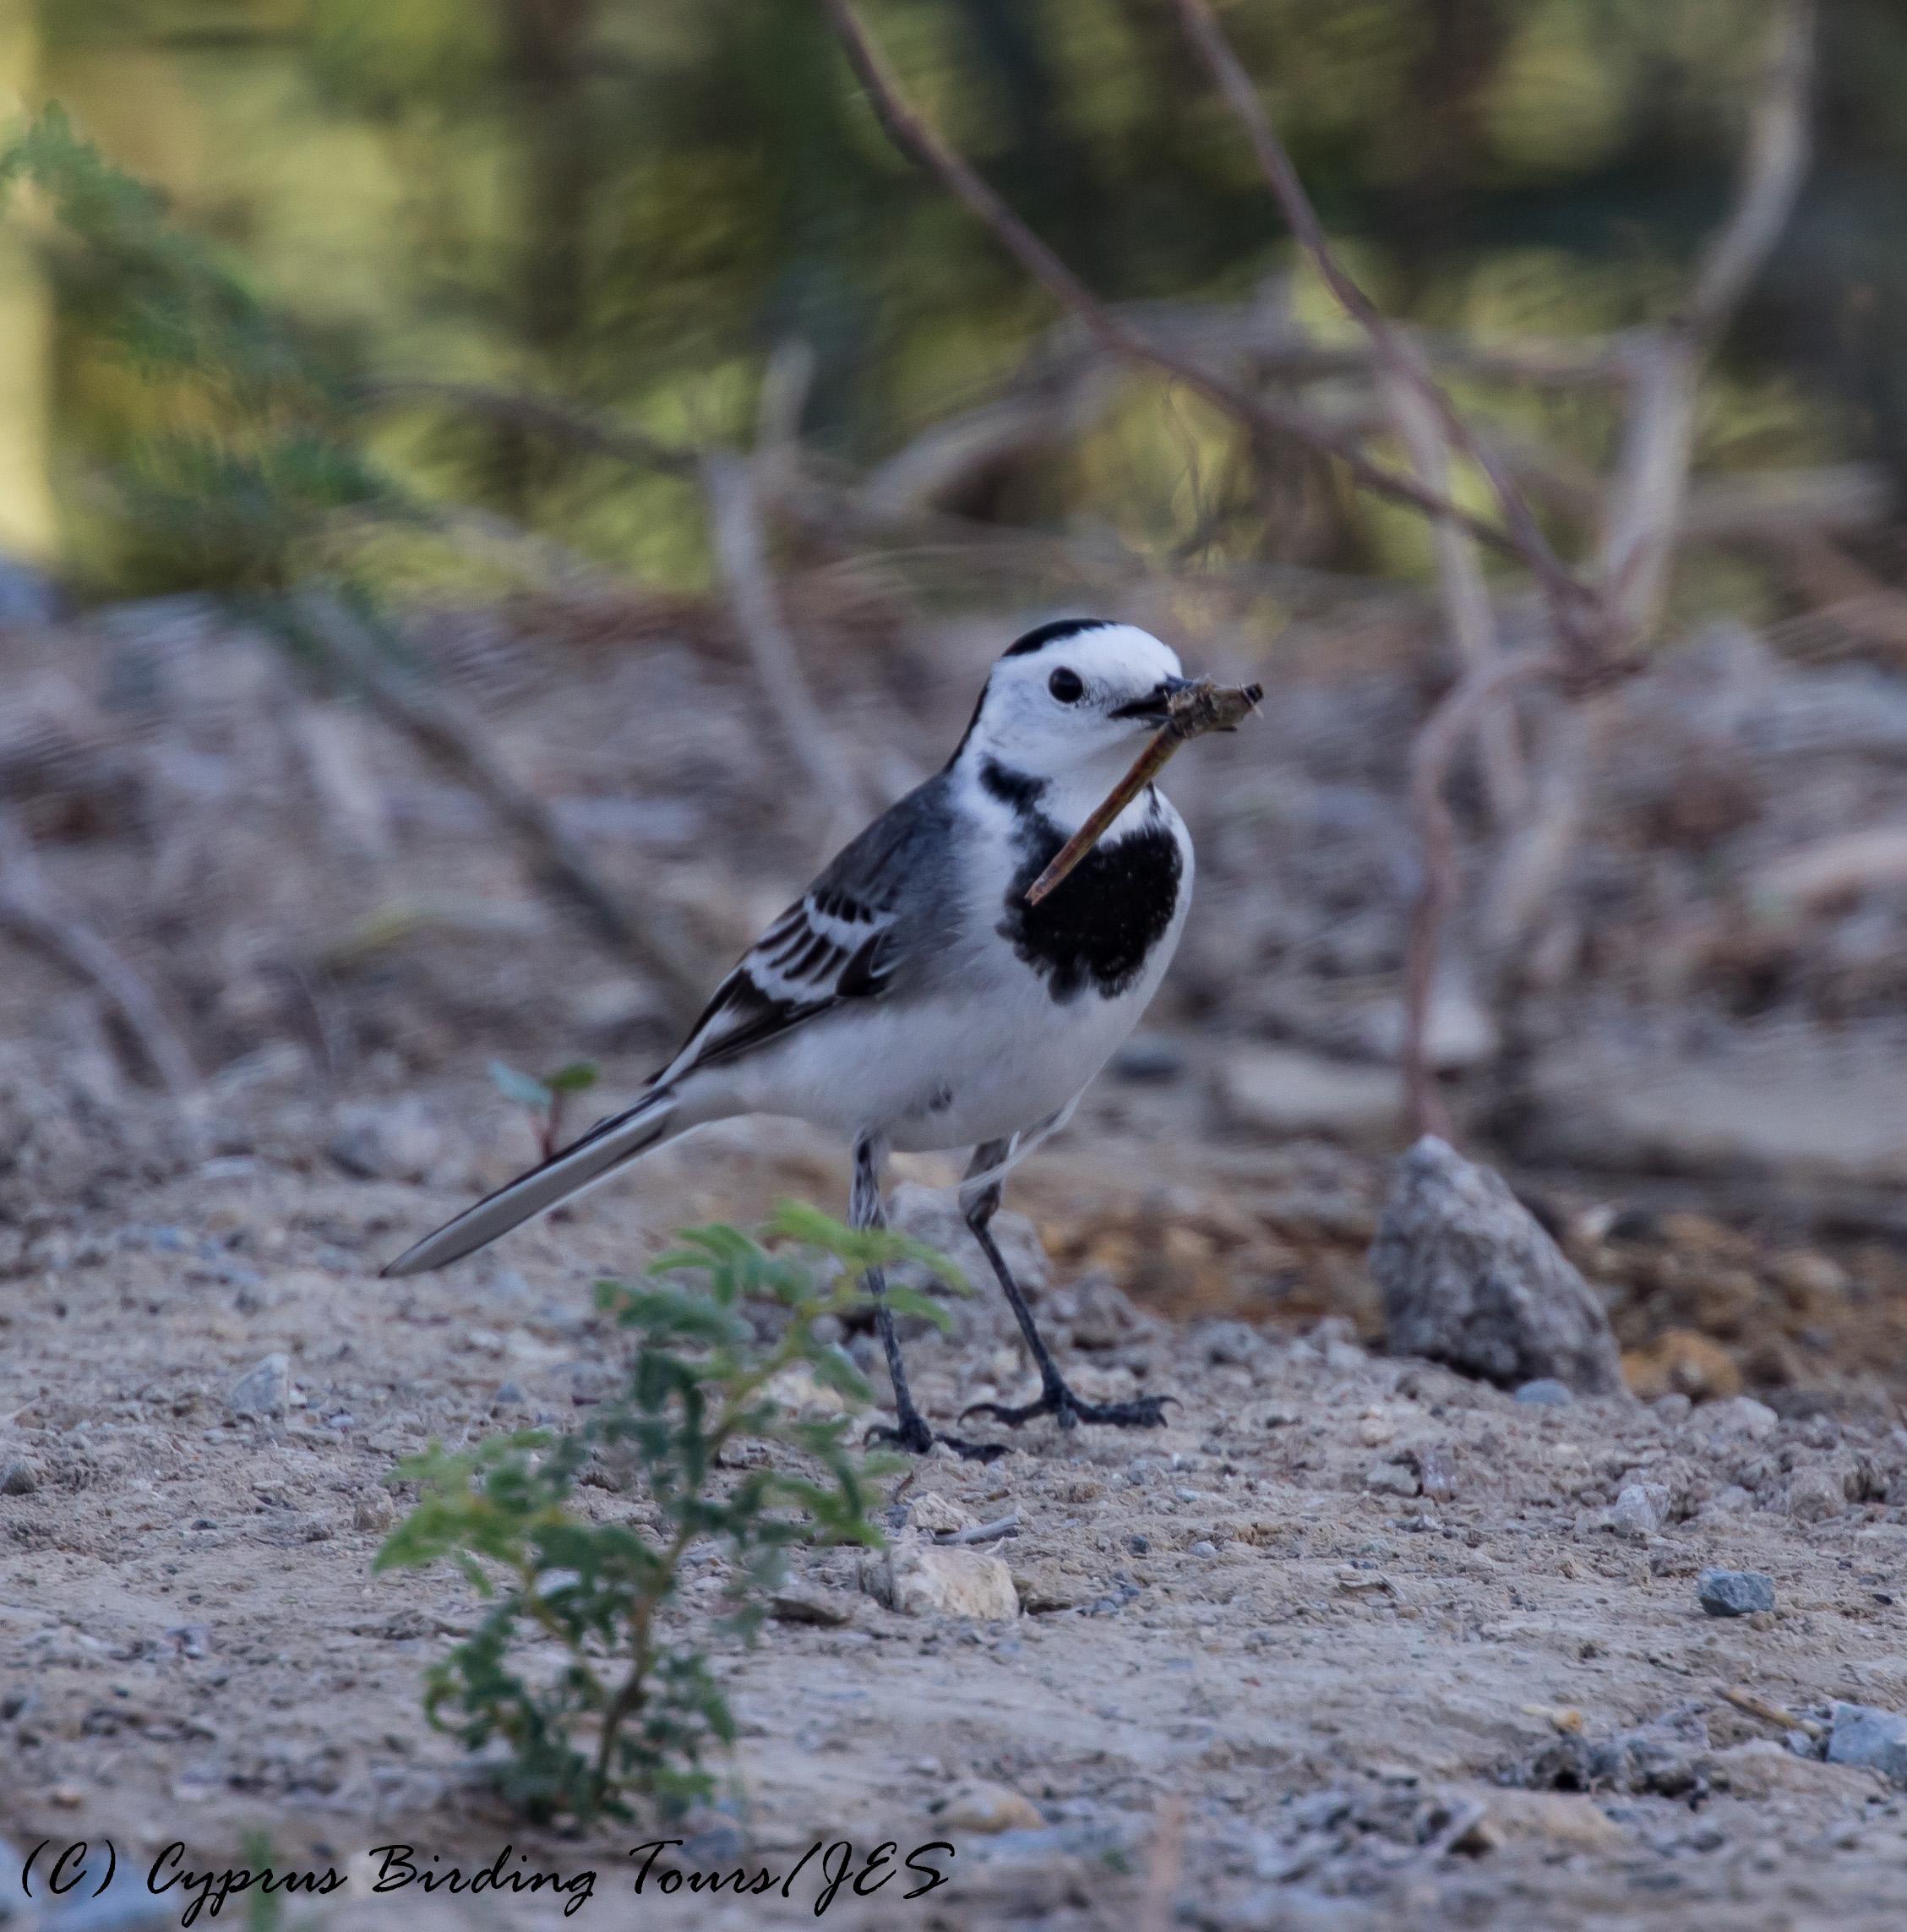 White Wagtail, Larnaca Salt Lake, 26th October 2016 (c) Cyprus Birding Tours